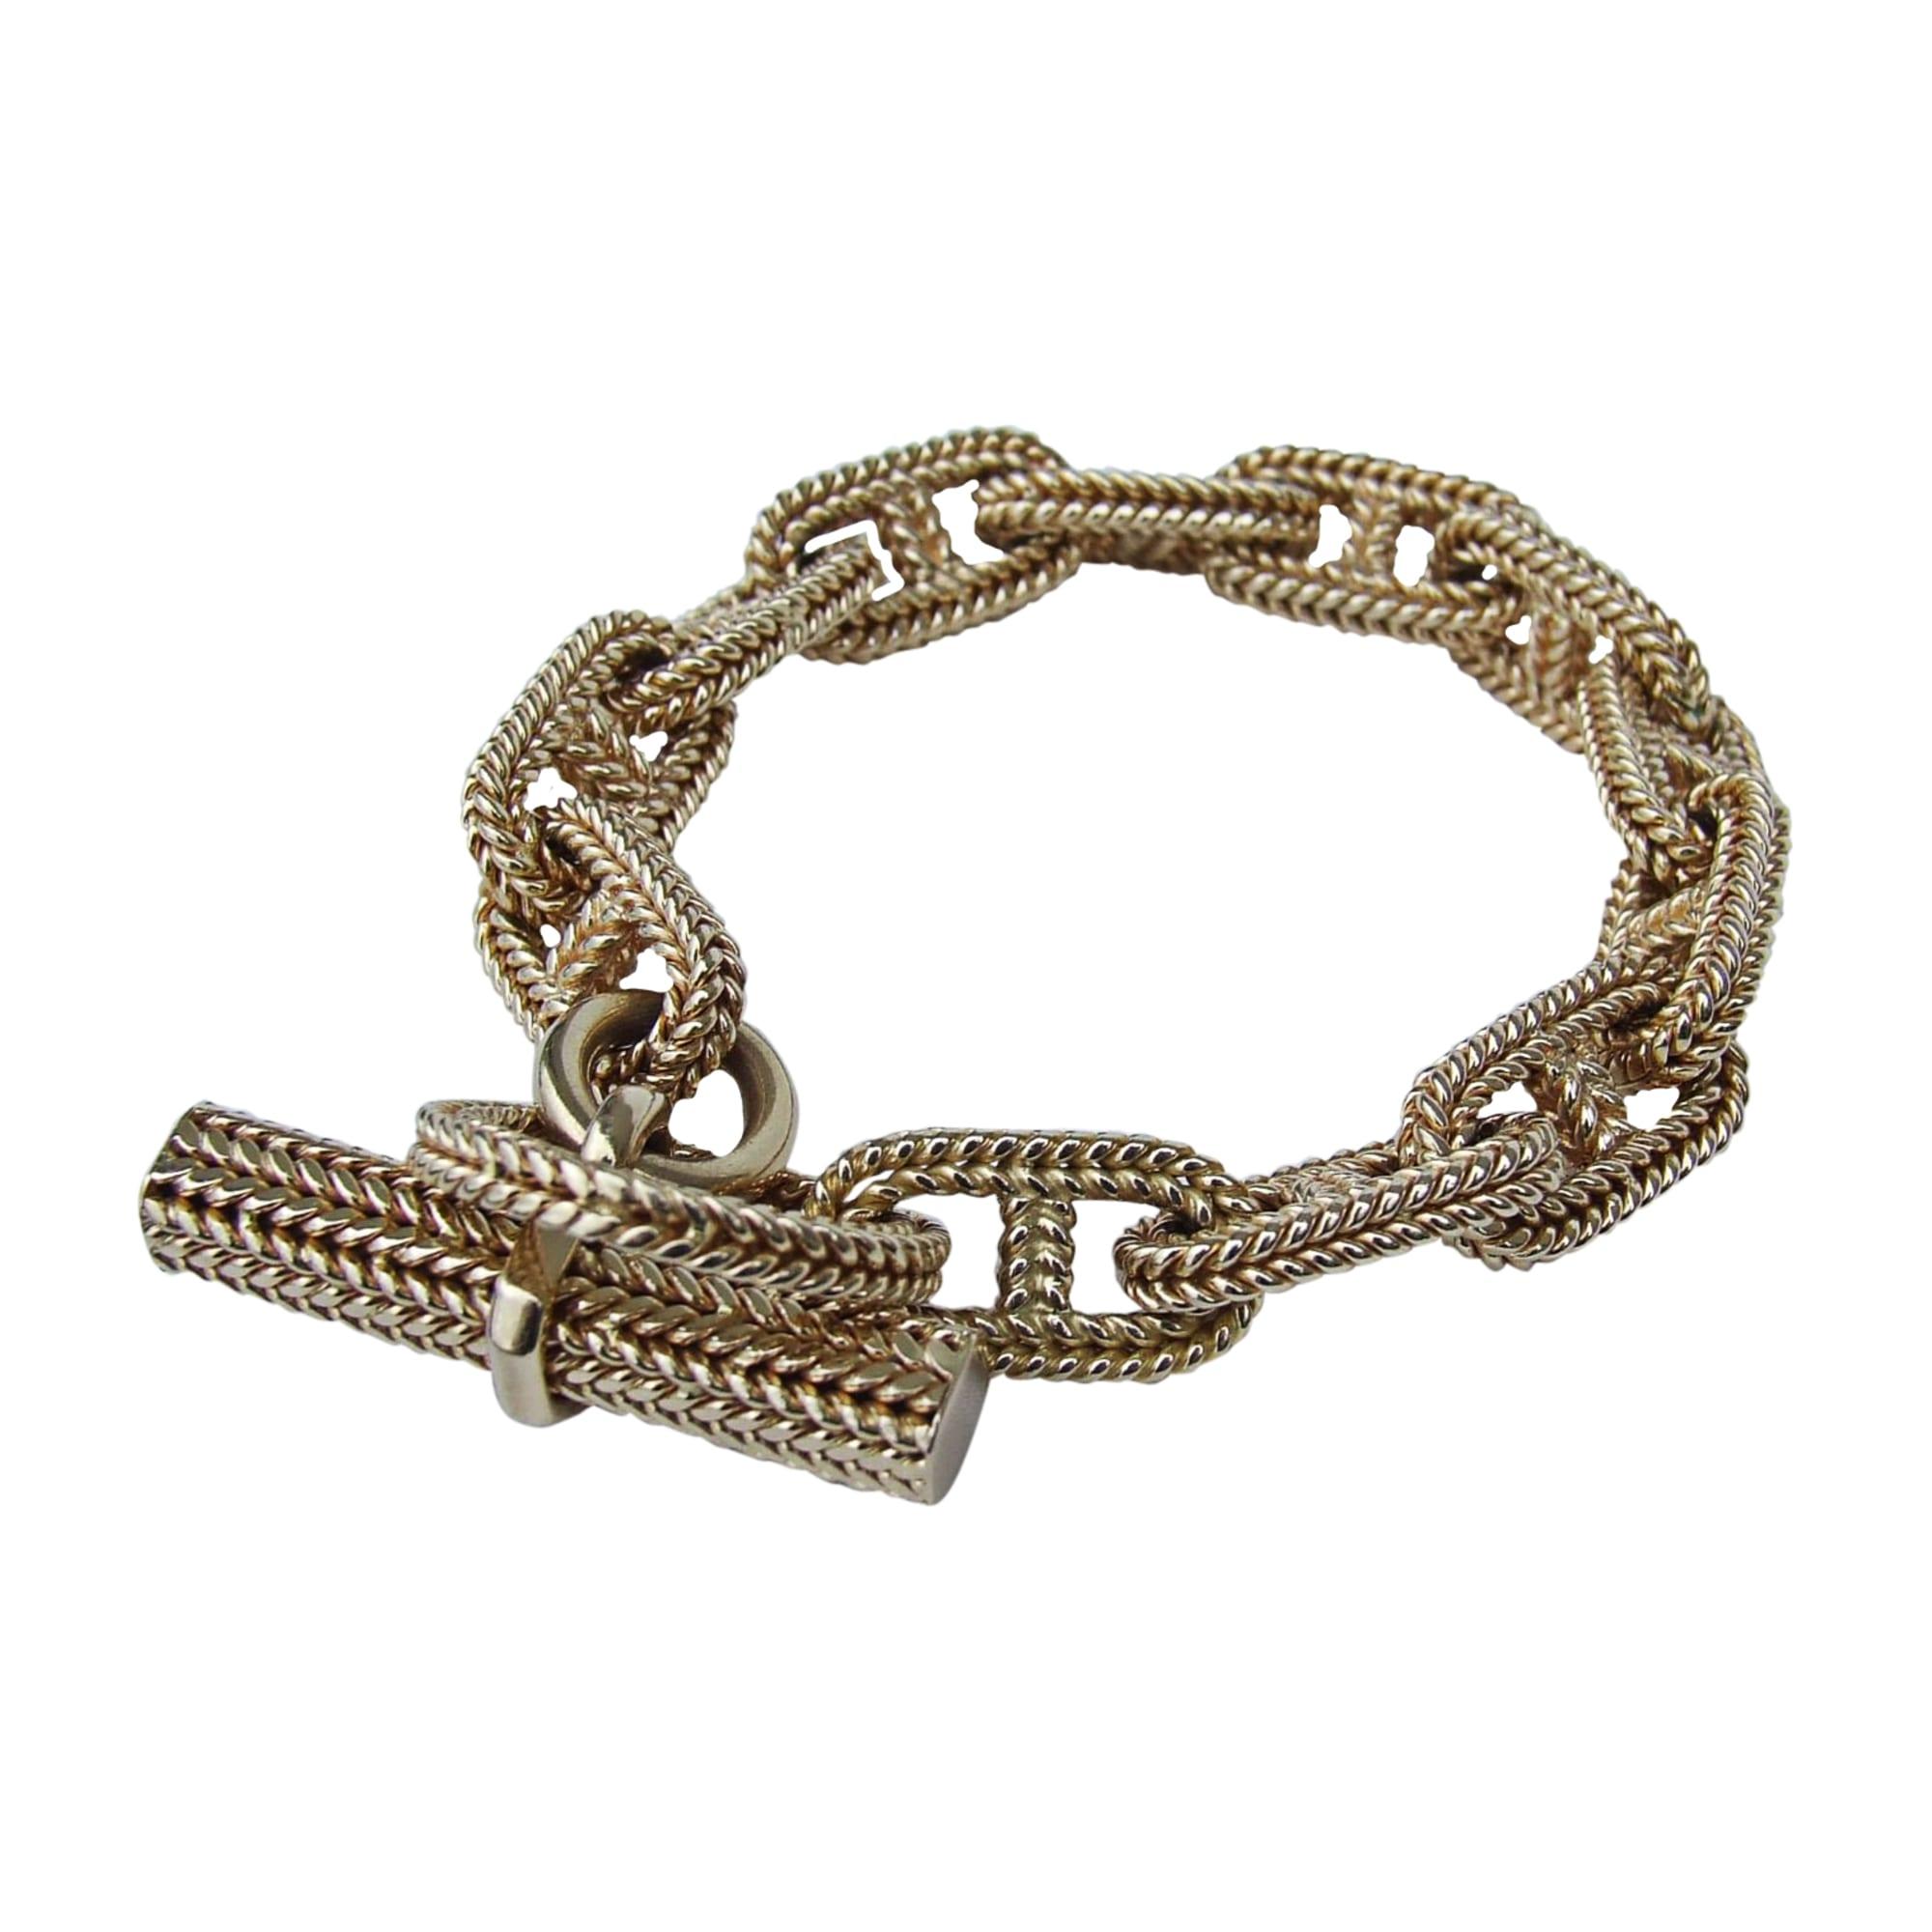 Bracelet HERMÈS chane dancre doré vendu par Bibi 2111916 - 7729127 14e712fef8d